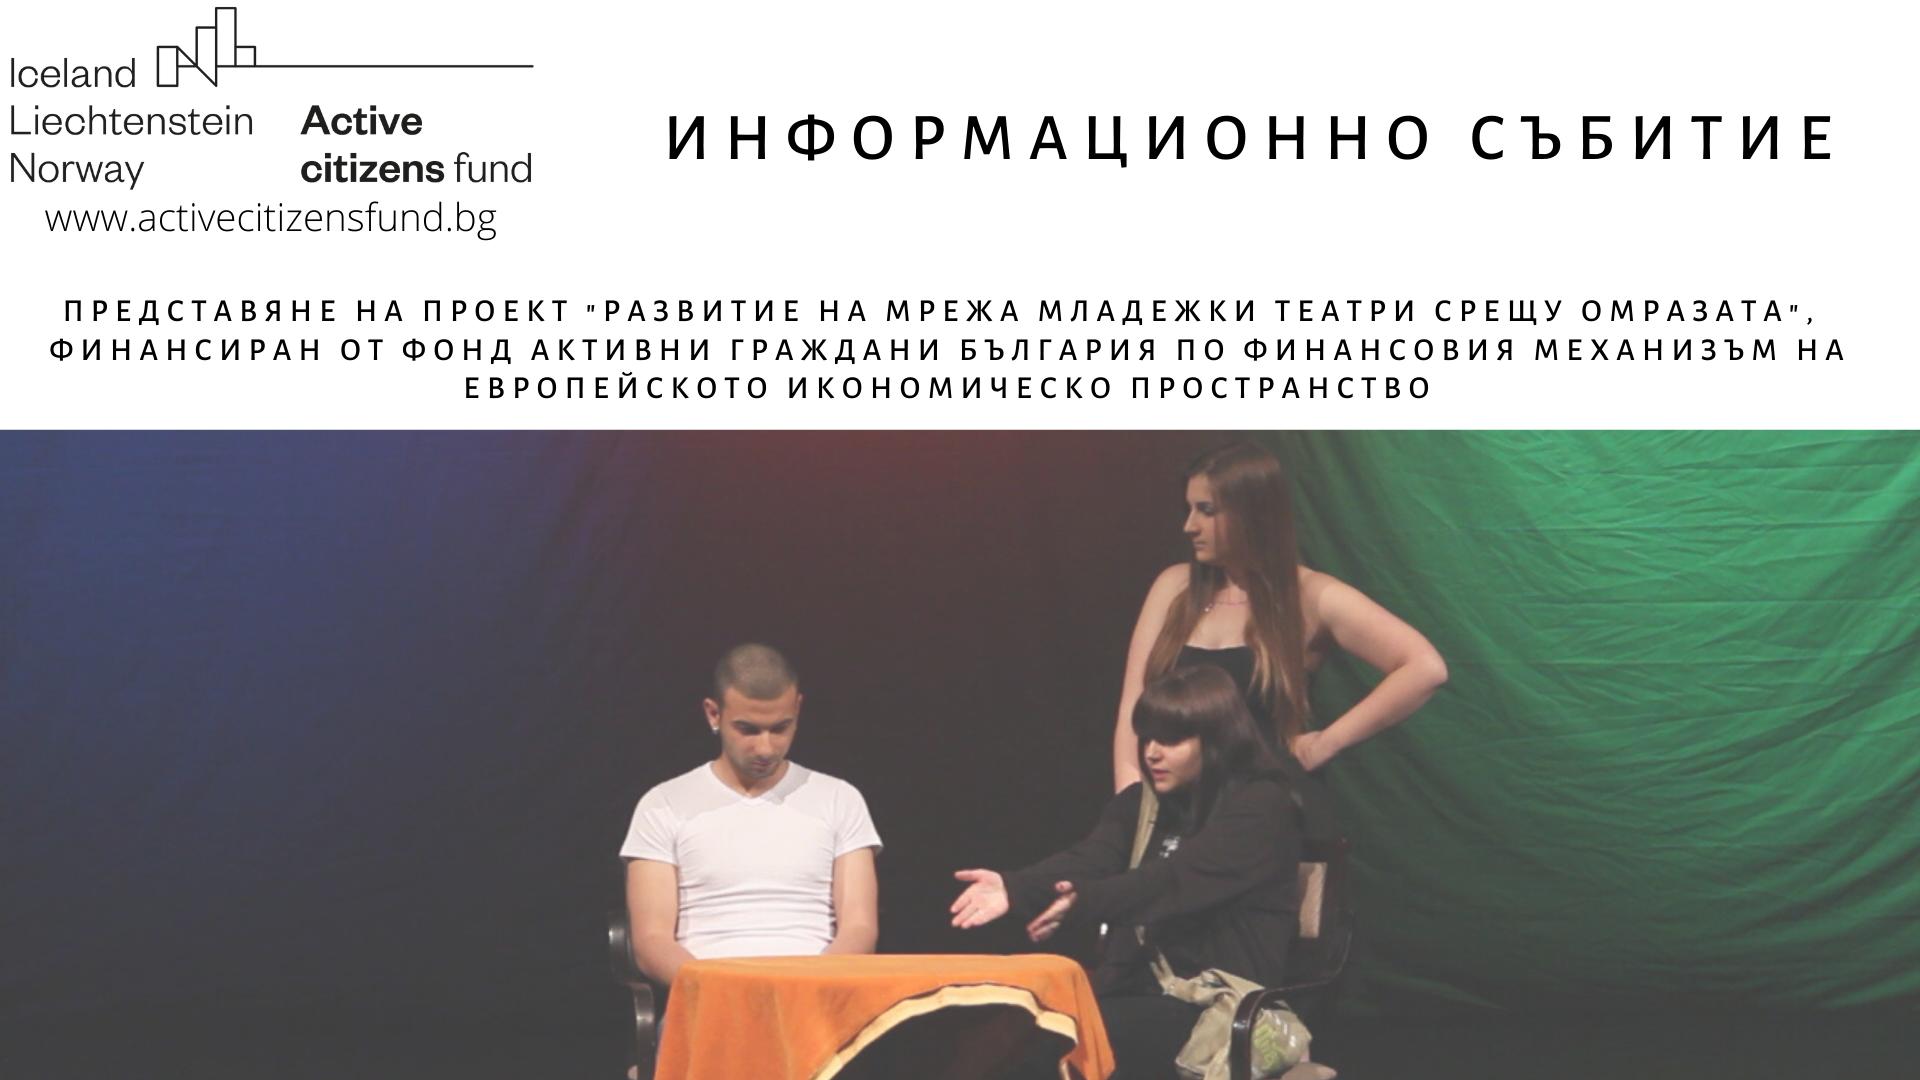 Развитие на мрежа младежки театри срещу омразата: представяне на проекта